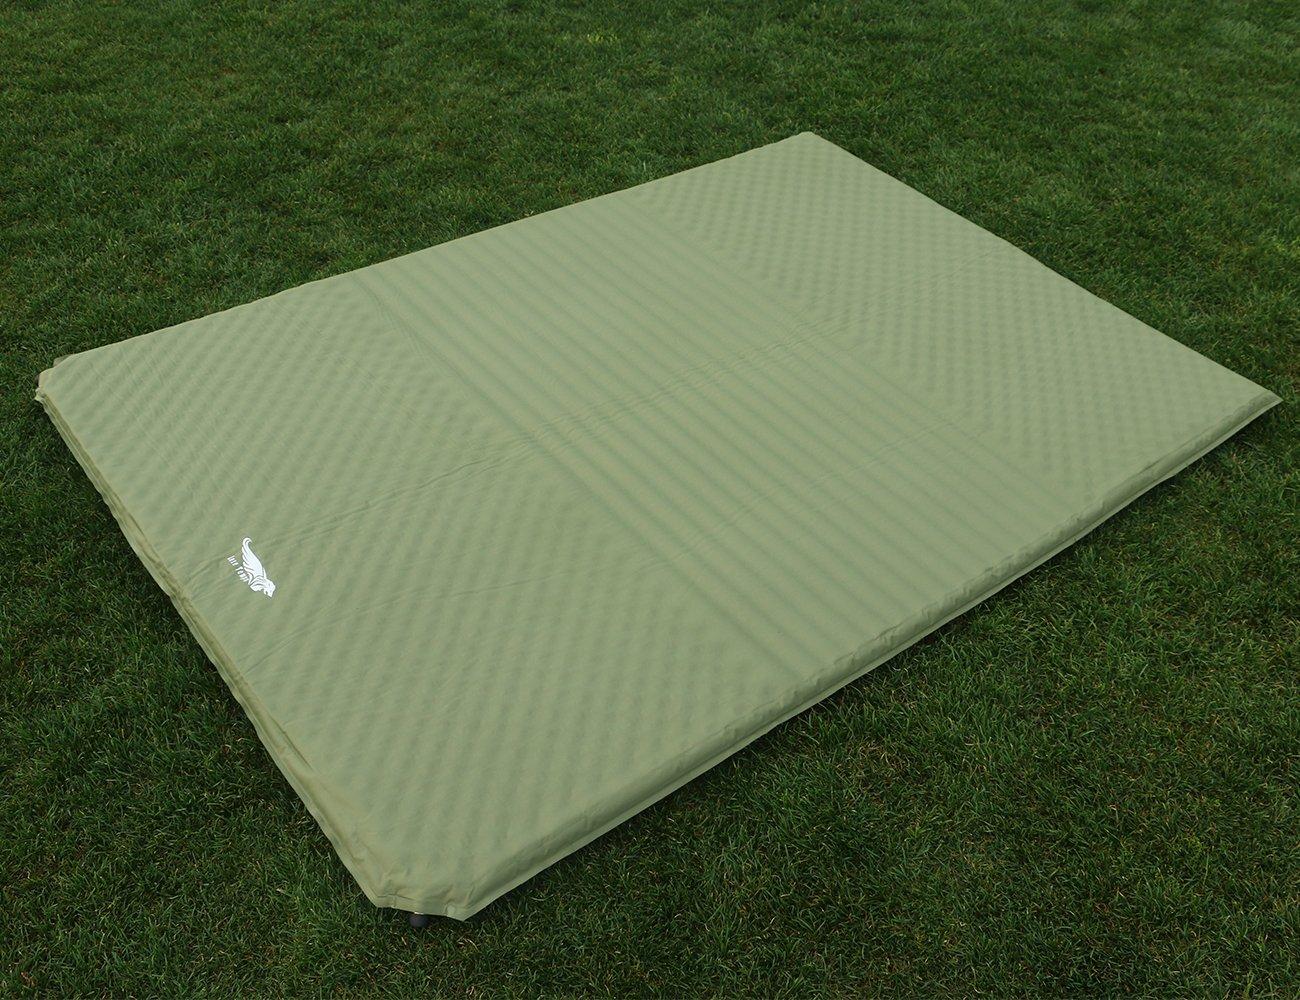 Luxe Tempo 2人用 インフレータブルマット エアーマット 軽量 車中泊マット キャンプ マット アウトドア エアクッション 厚み3.8cm B072BBR2WY  グリーン